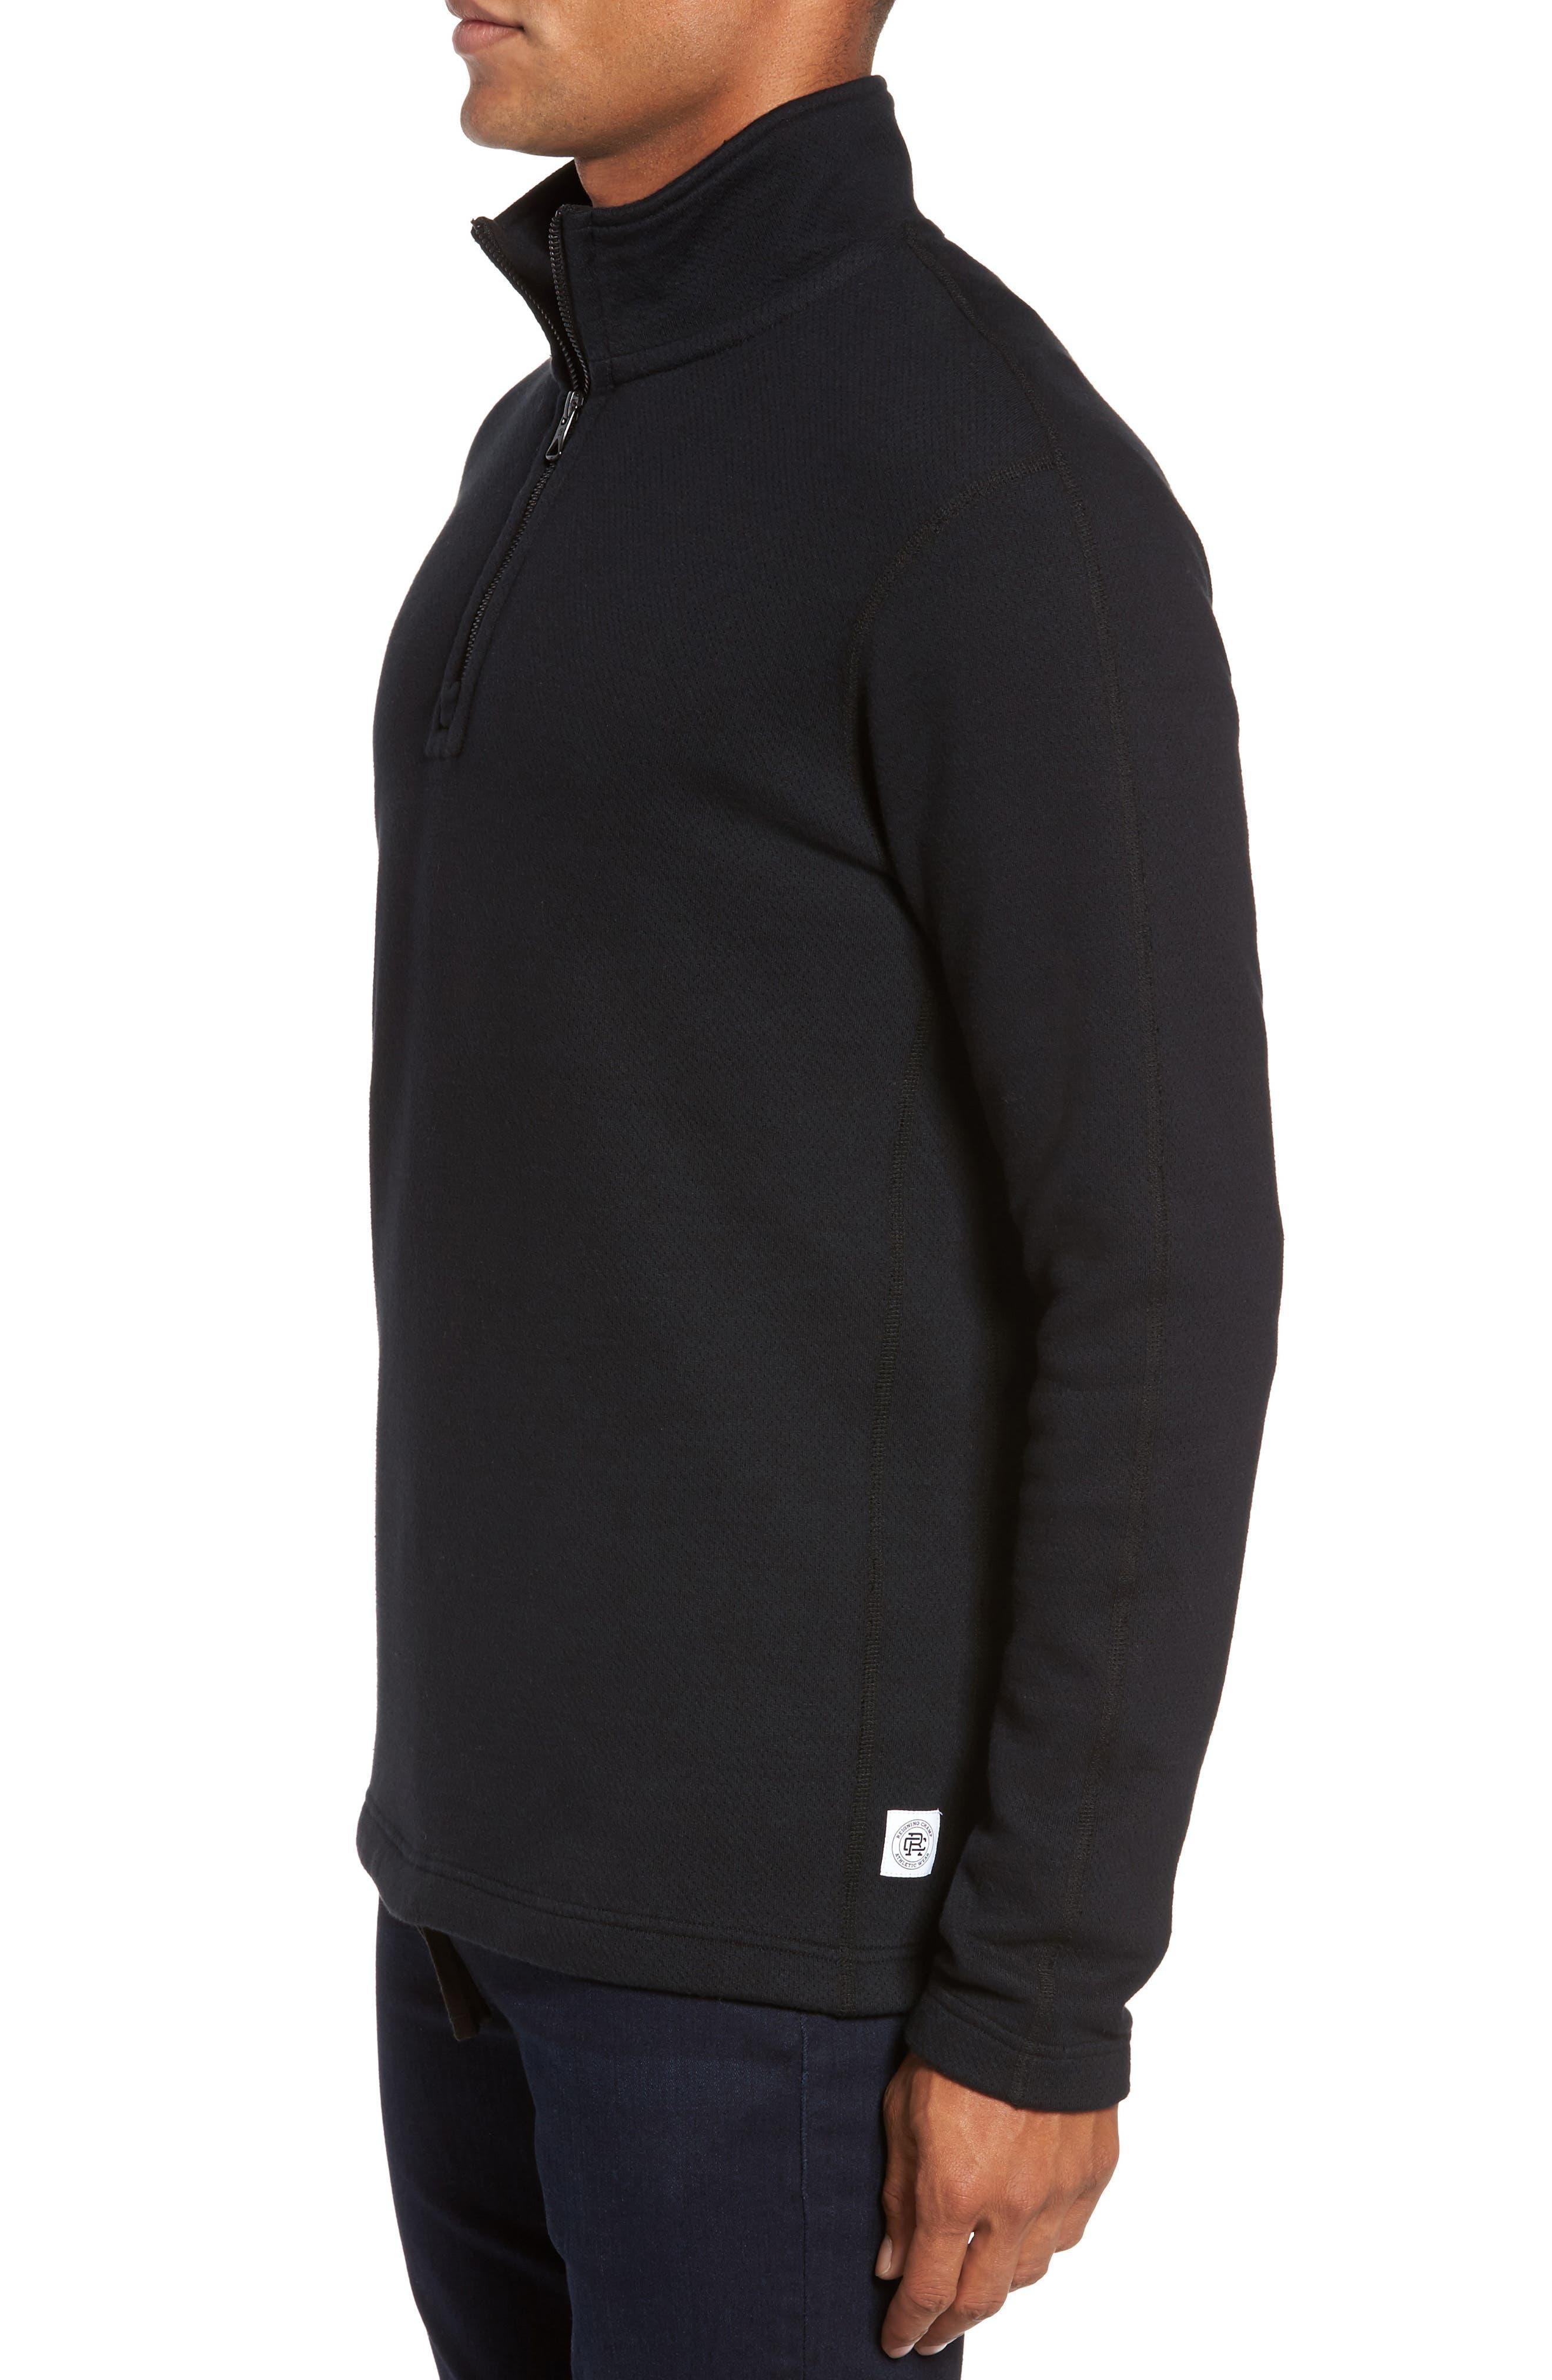 Mesh Half Zip Fleece Top,                             Alternate thumbnail 3, color,                             Black